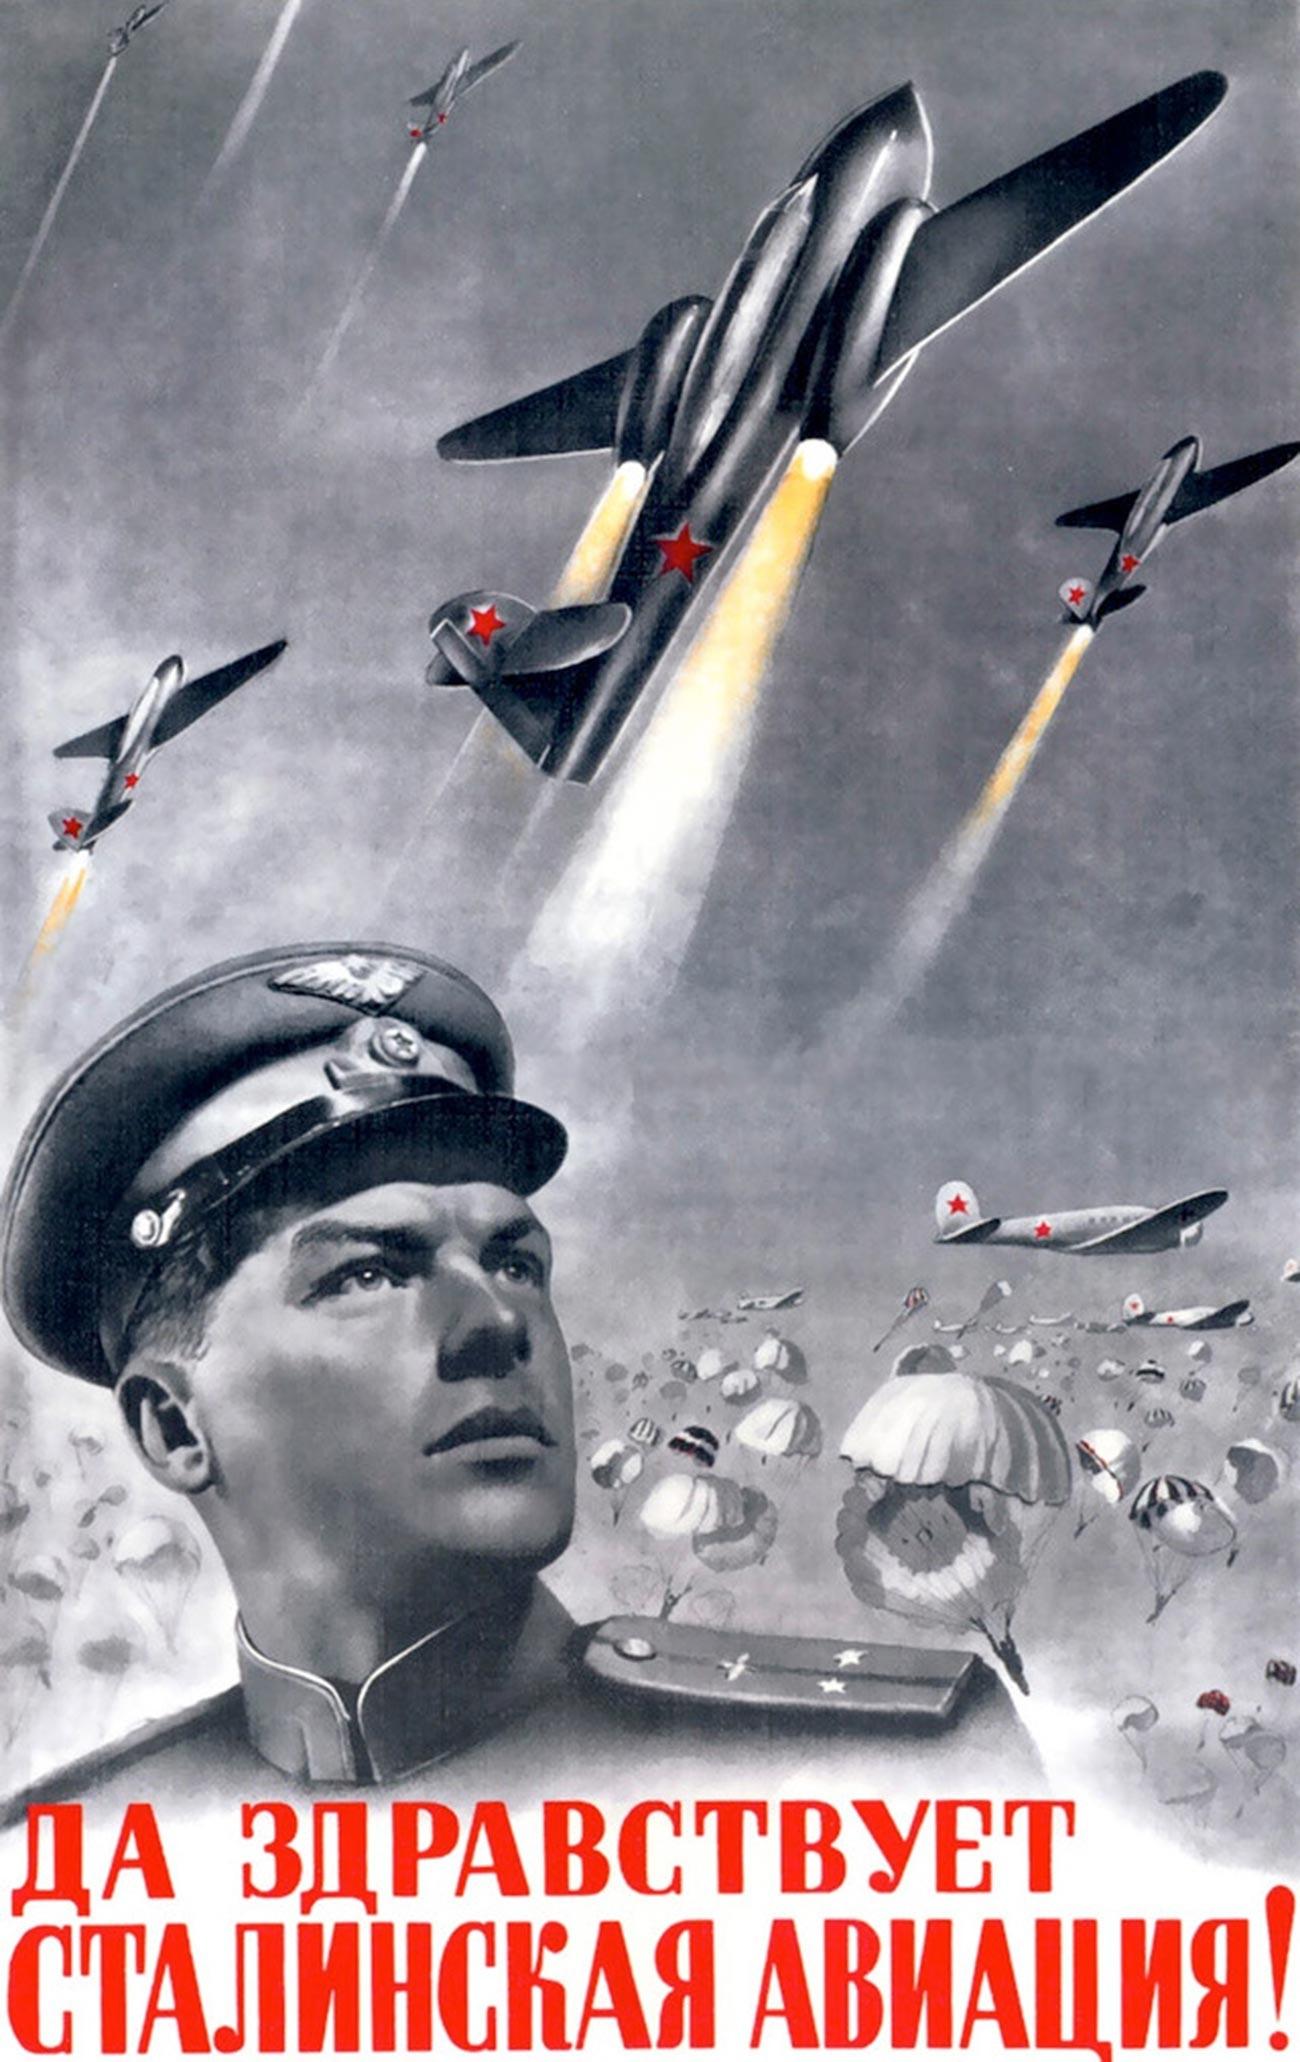 « Vive l'aviation de Staline ! »